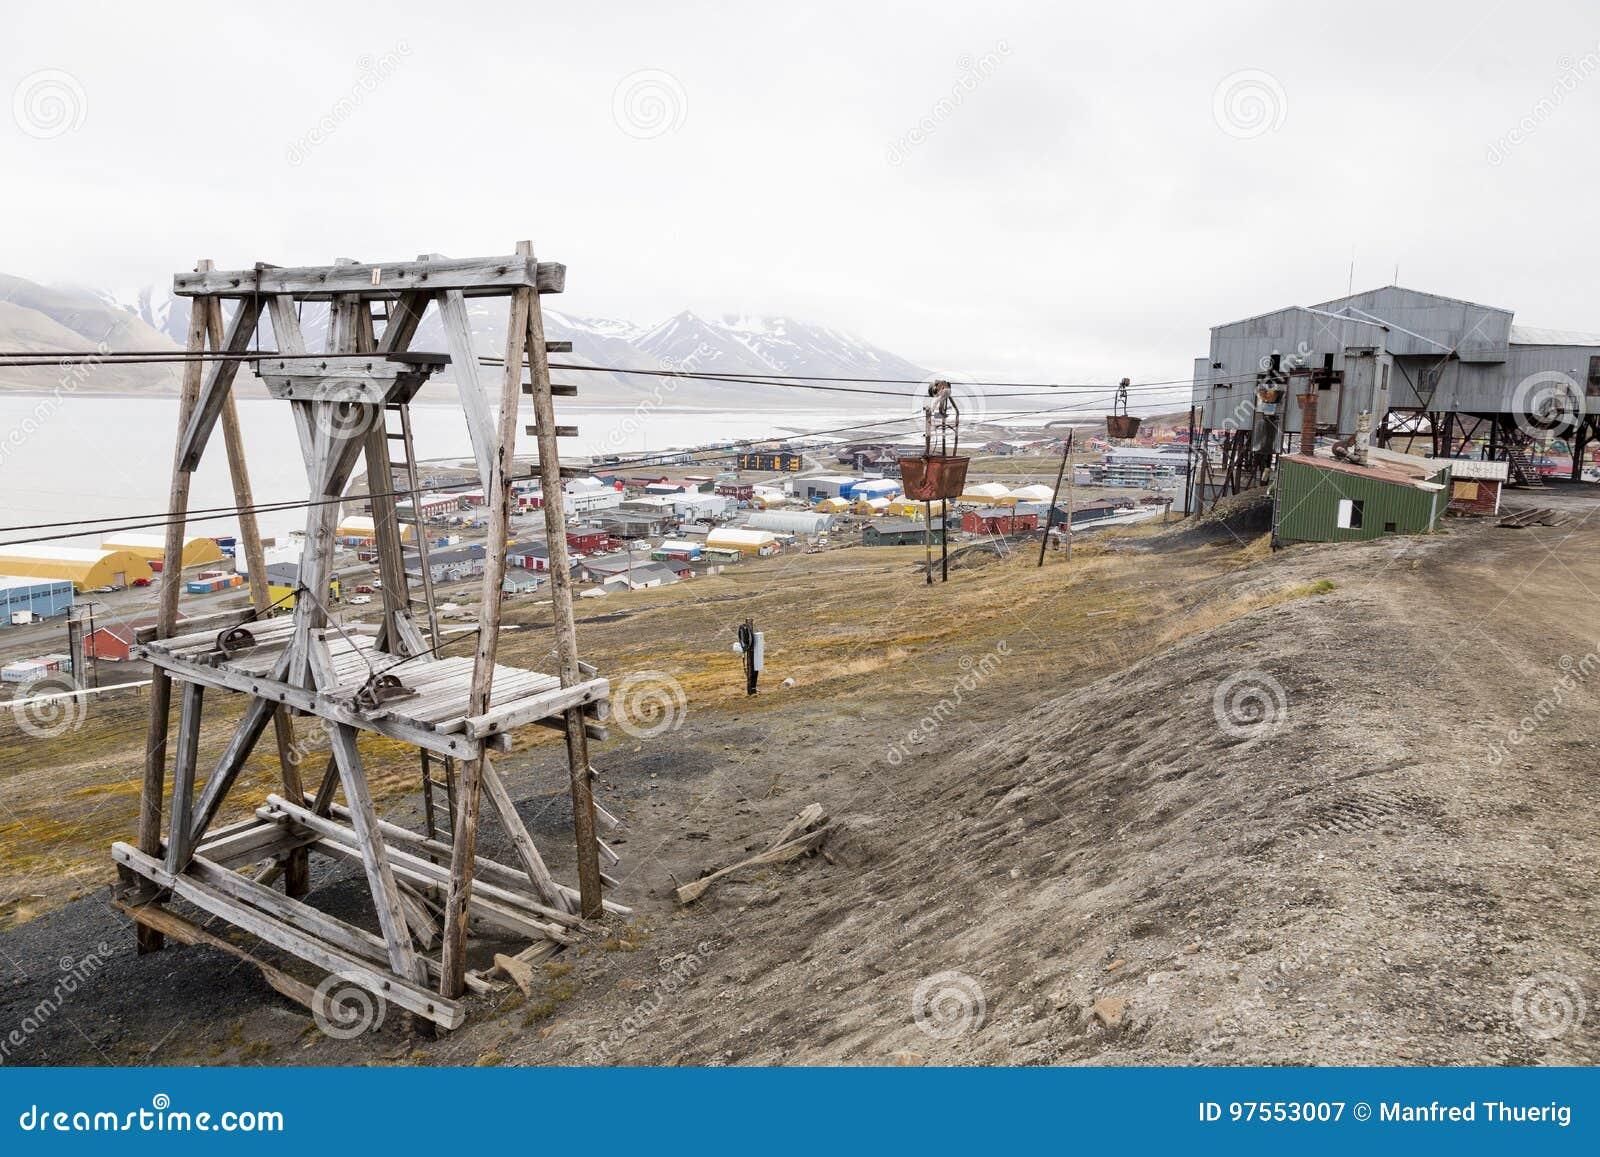 Gammal kabelbil för koltrans. i Longyearbyen, Spitsberg